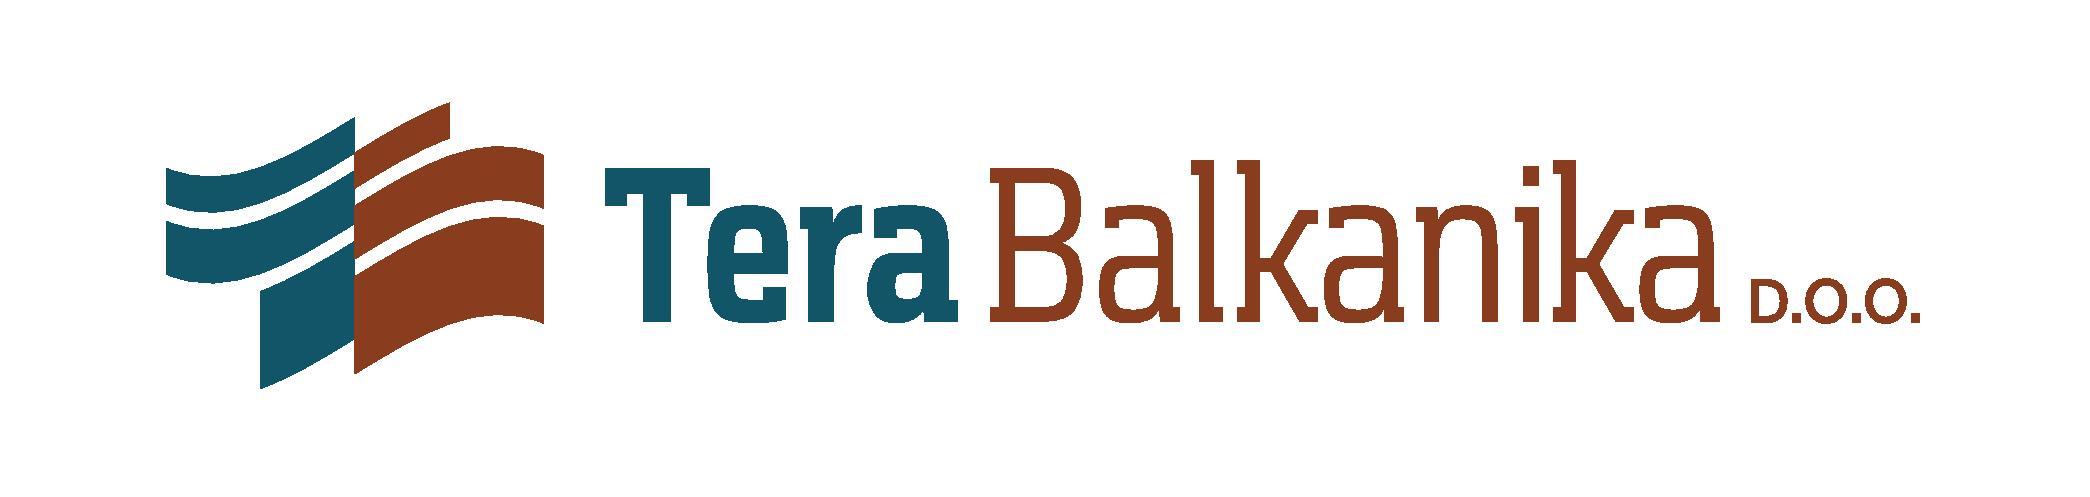 Tera Balkanika d.o.o. Beograd-Novi Beograd